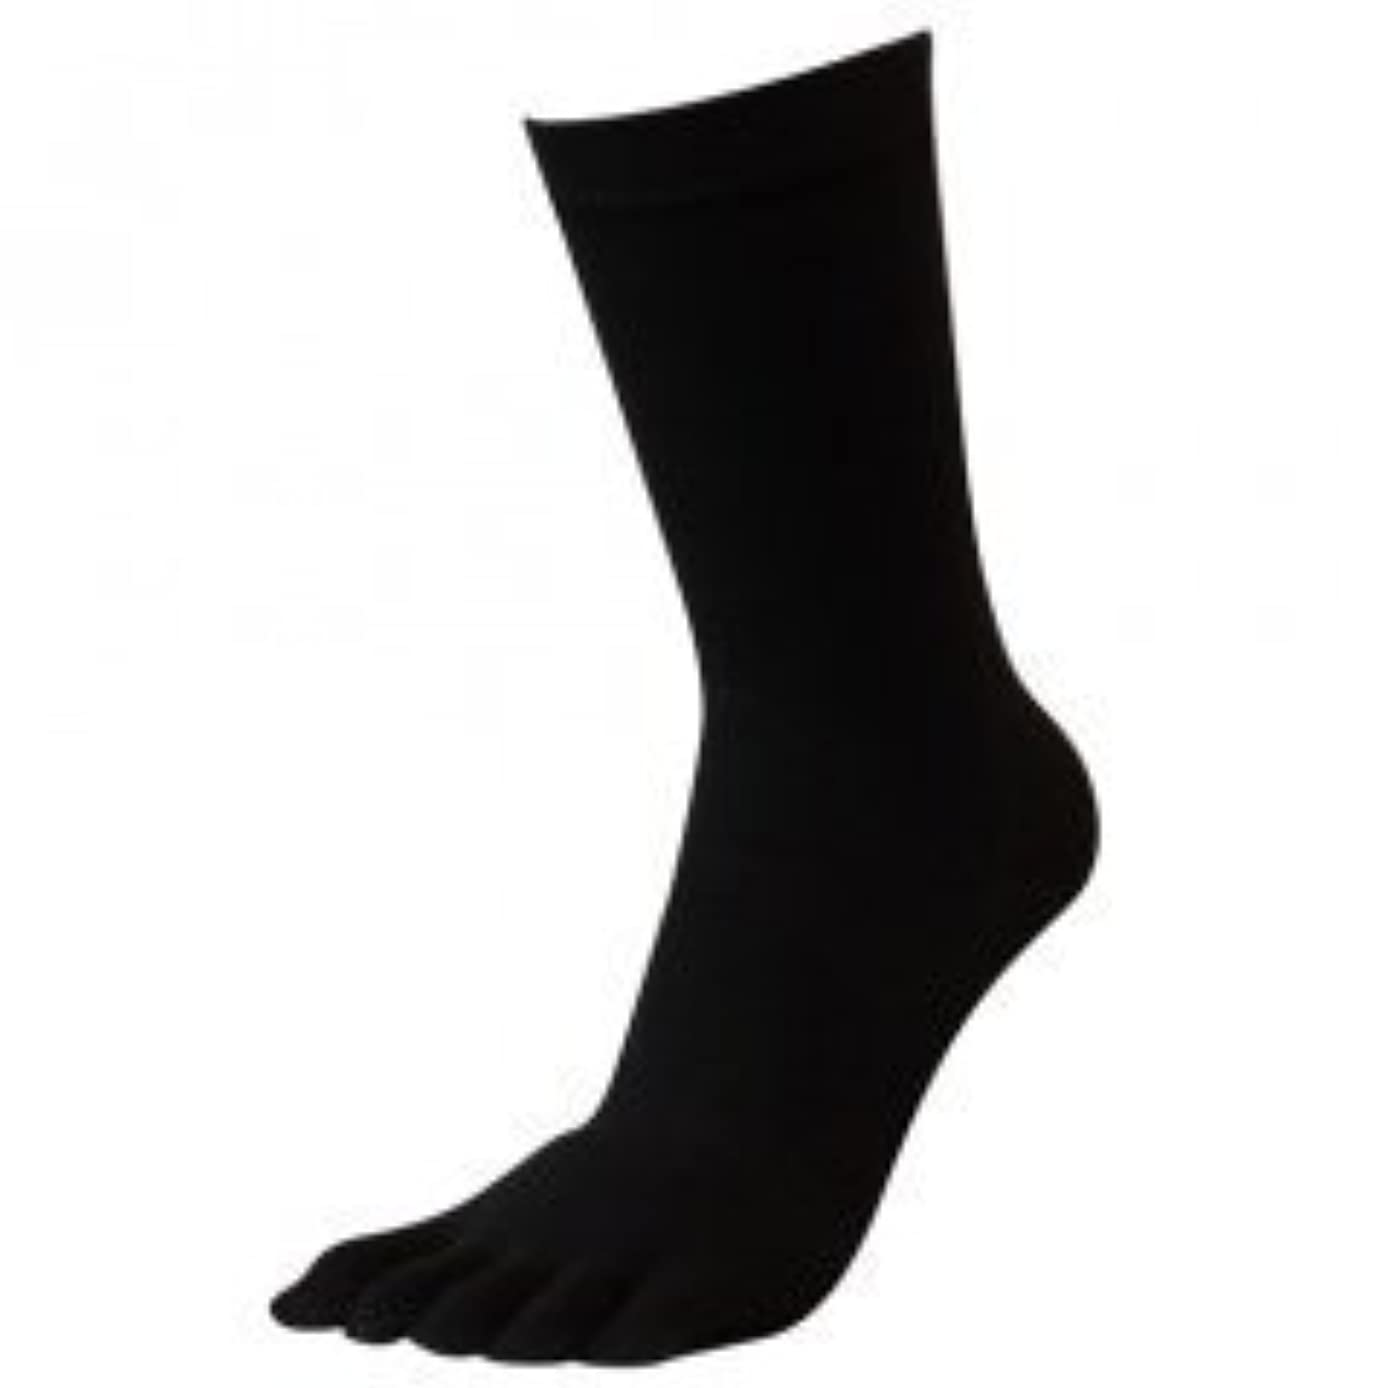 カリキュラム宣教師とてもブリーズブロンズ 5本指ソックス【黒】 急速分解消臭 匂わない消臭靴下 (22~24㎝)